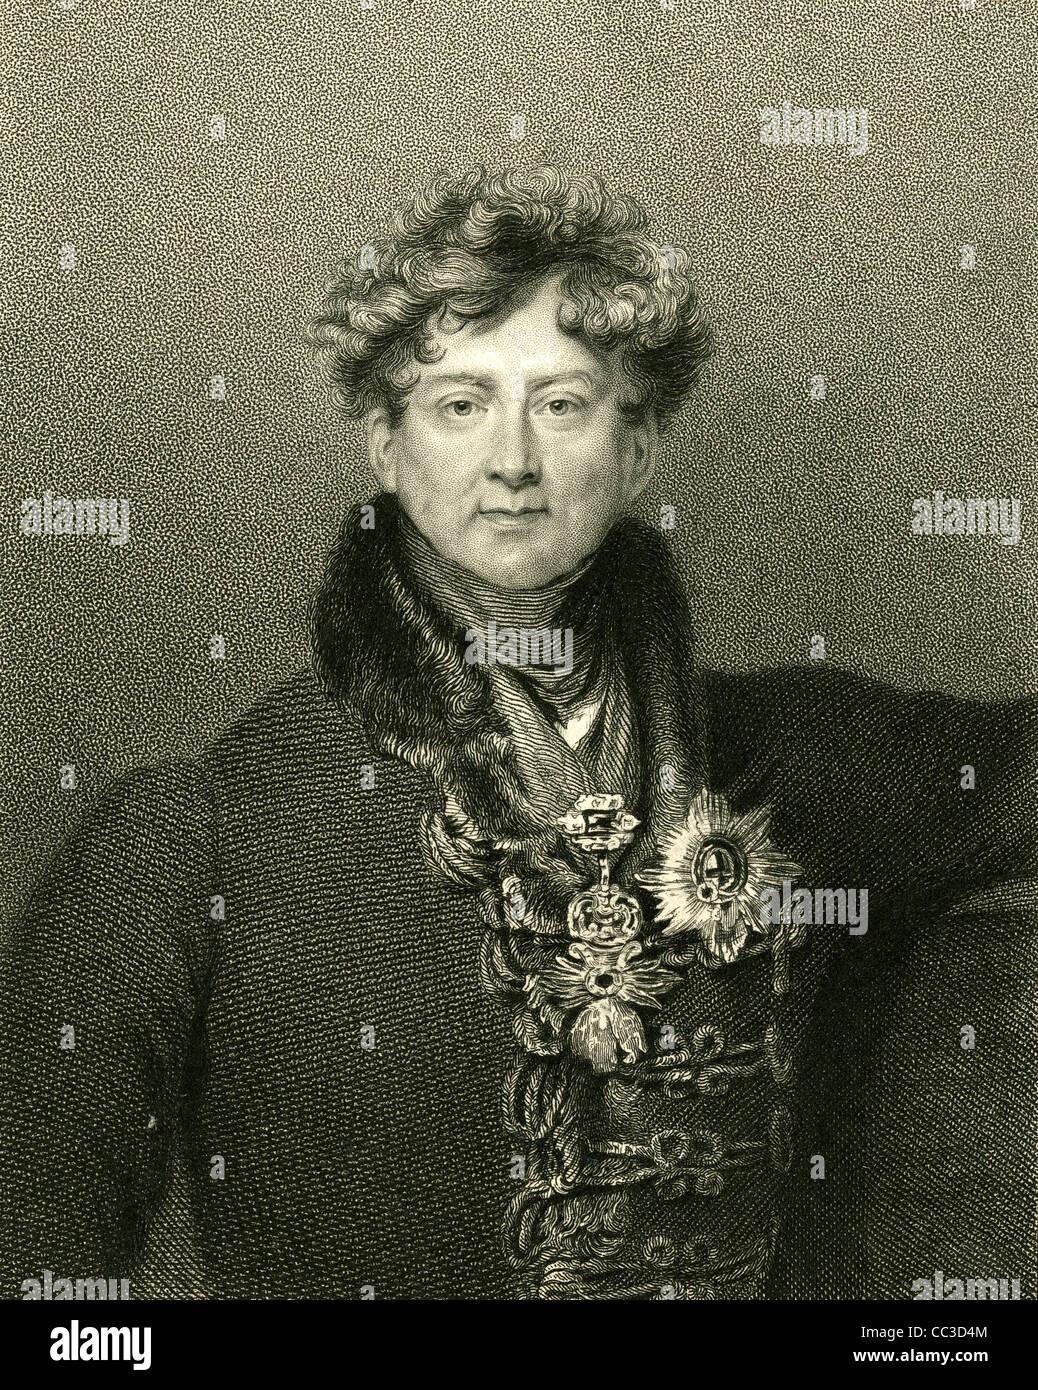 1830 engraving, King George IV. - Stock Image